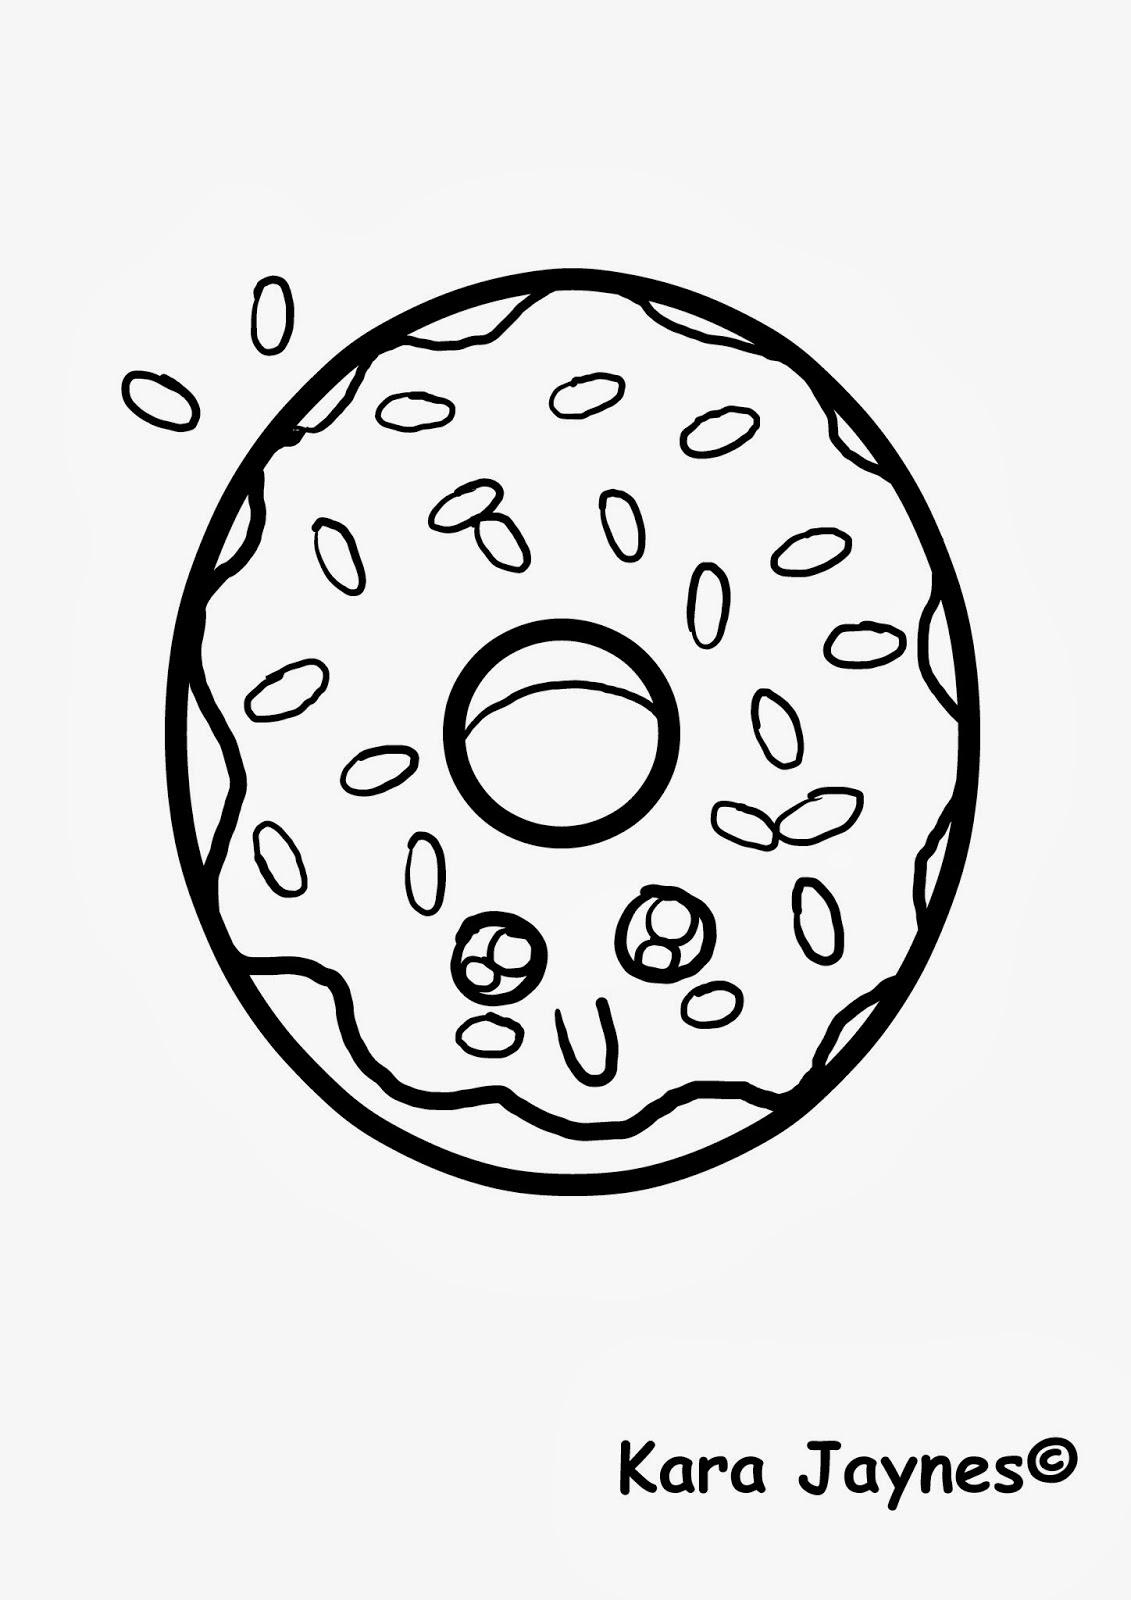 donut coloring page - kara jaynes kawaii donut coloring page